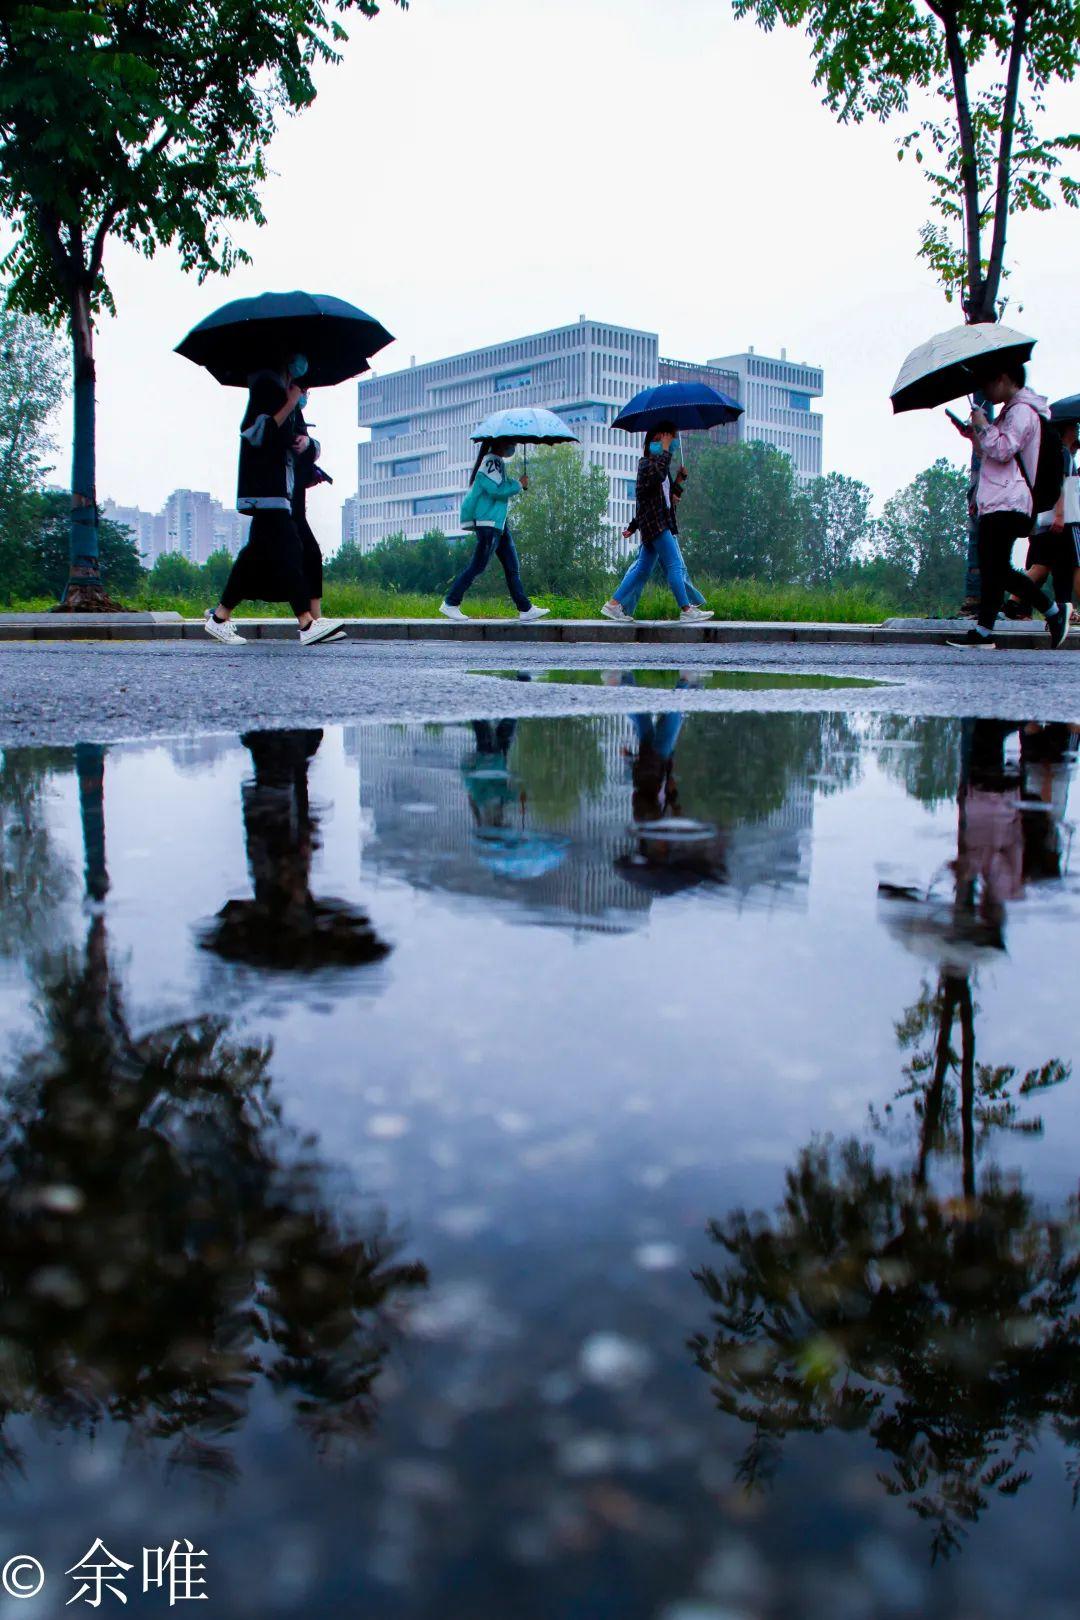 赴雨天之约,感受不一样的理工美!图片